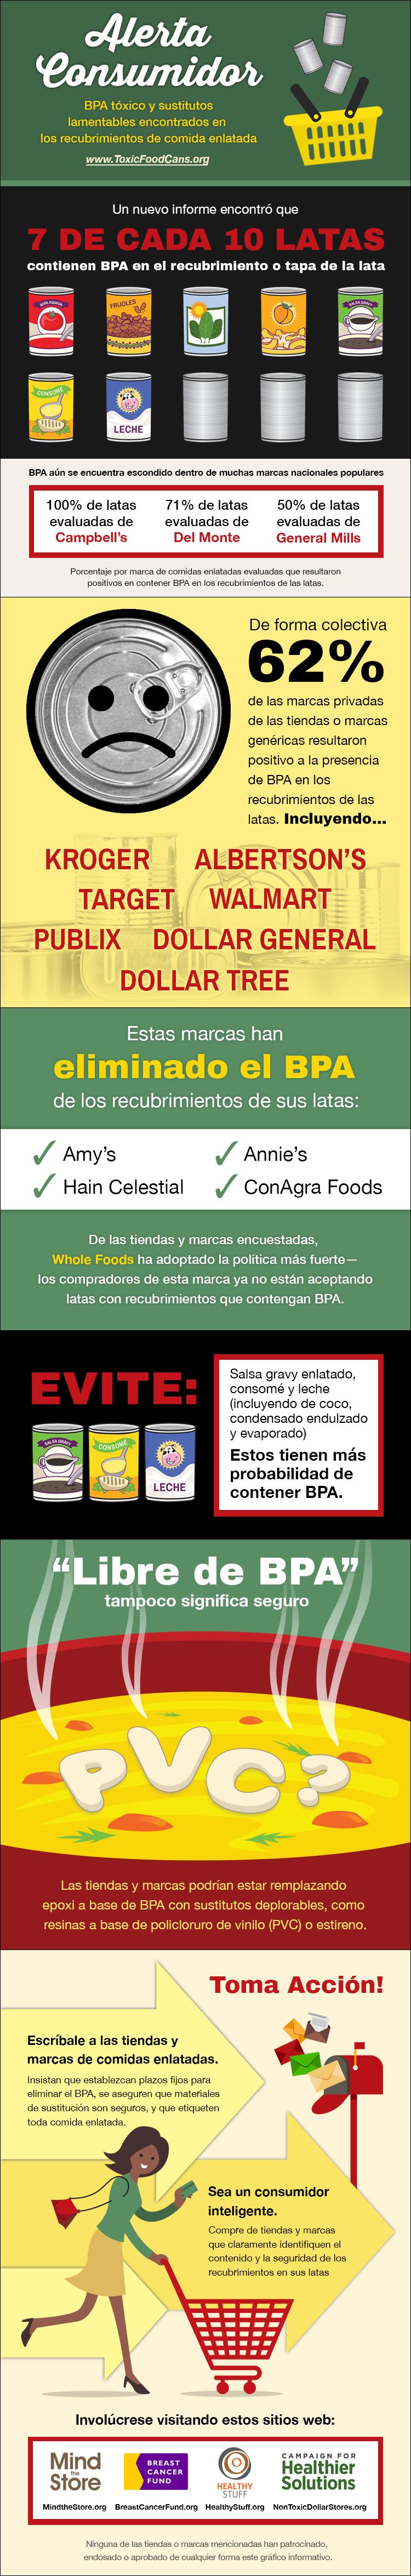 Alerta Consumidor